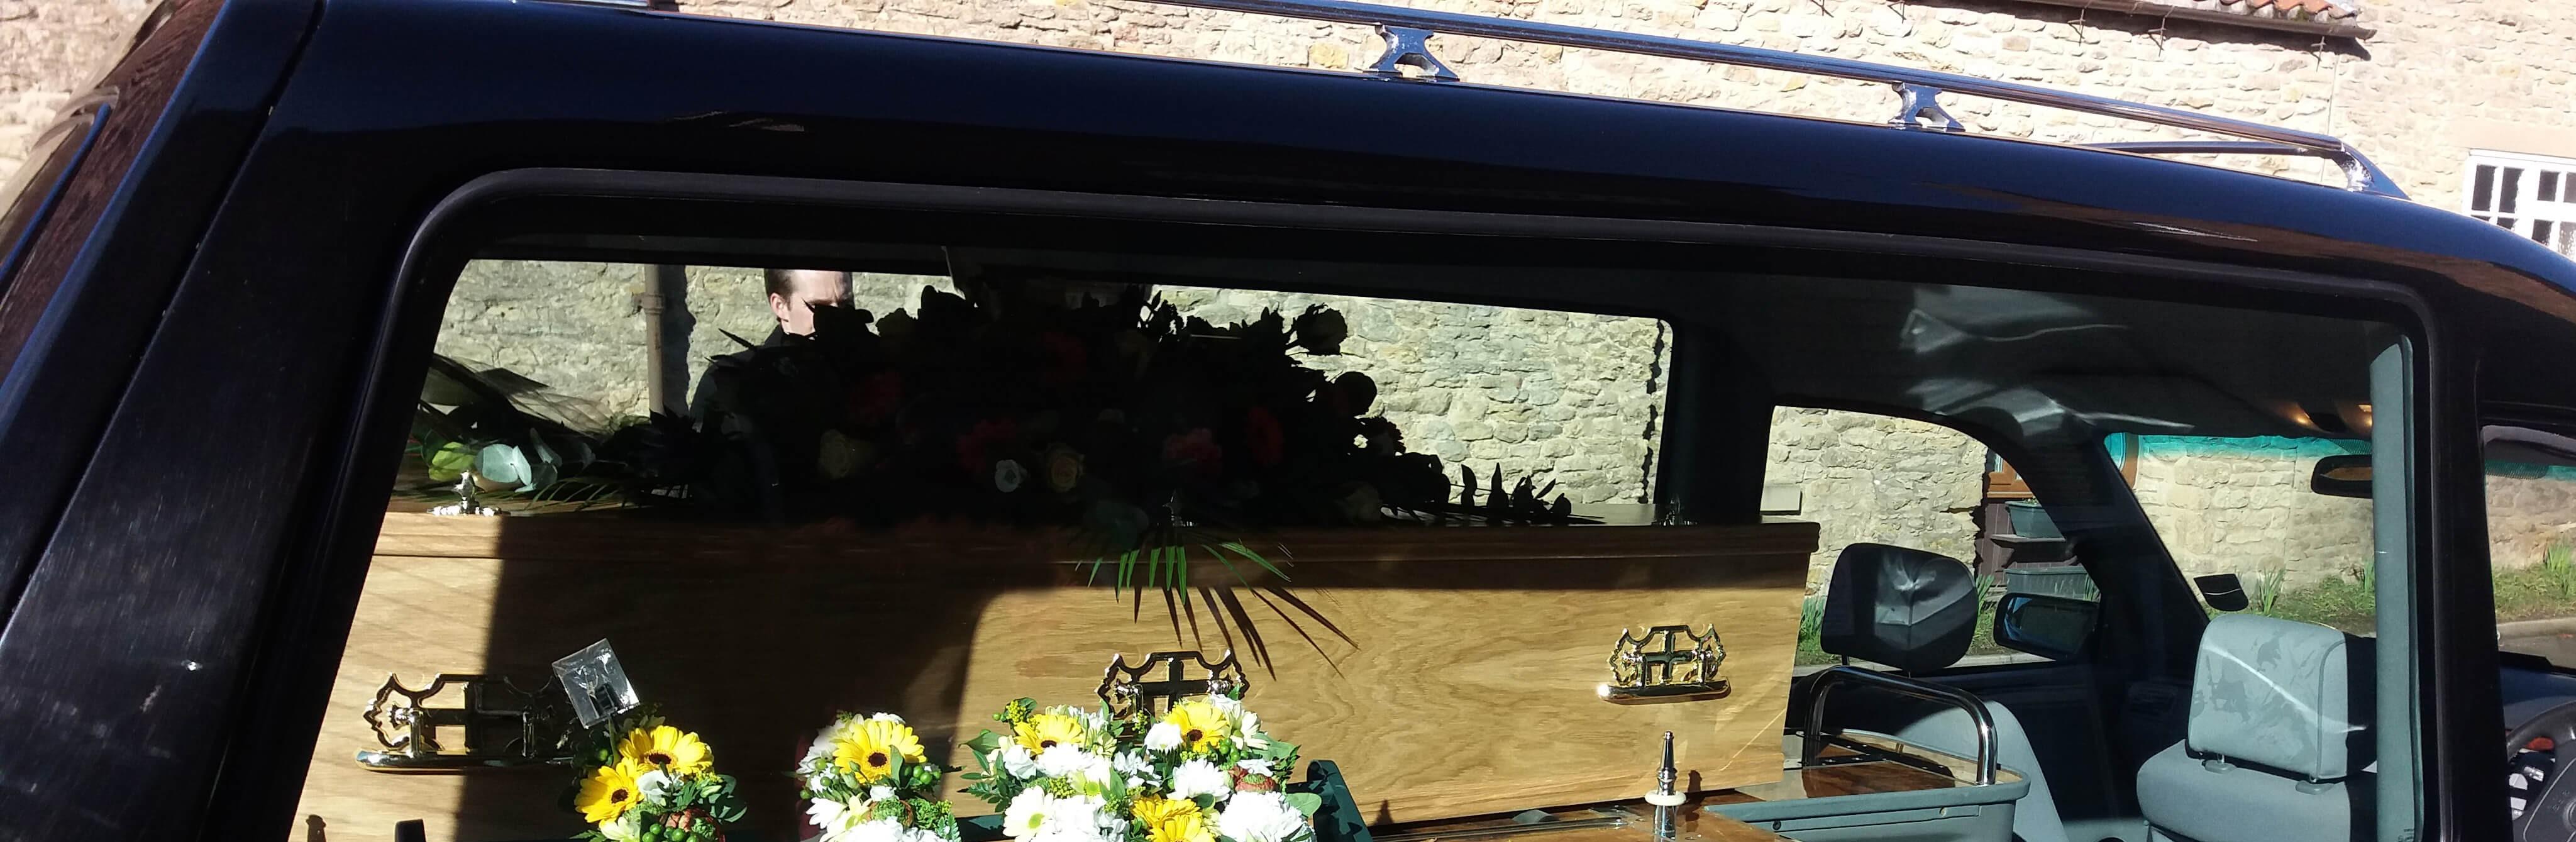 Funeraria Tanatorio Malpartida de Plasencia Funexber